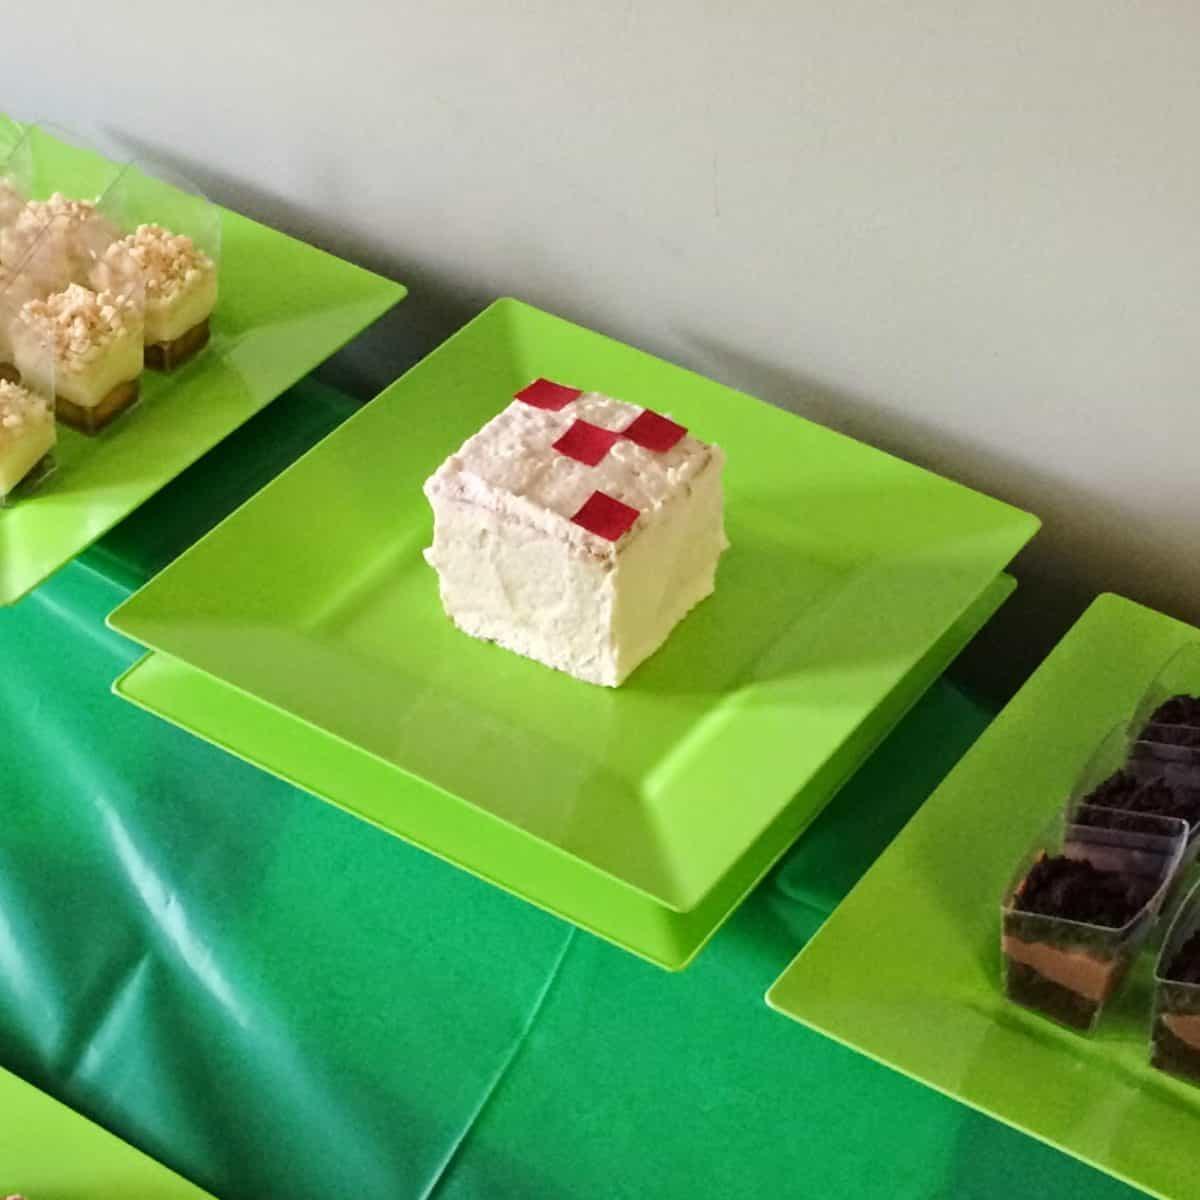 MineCraft Party desserts